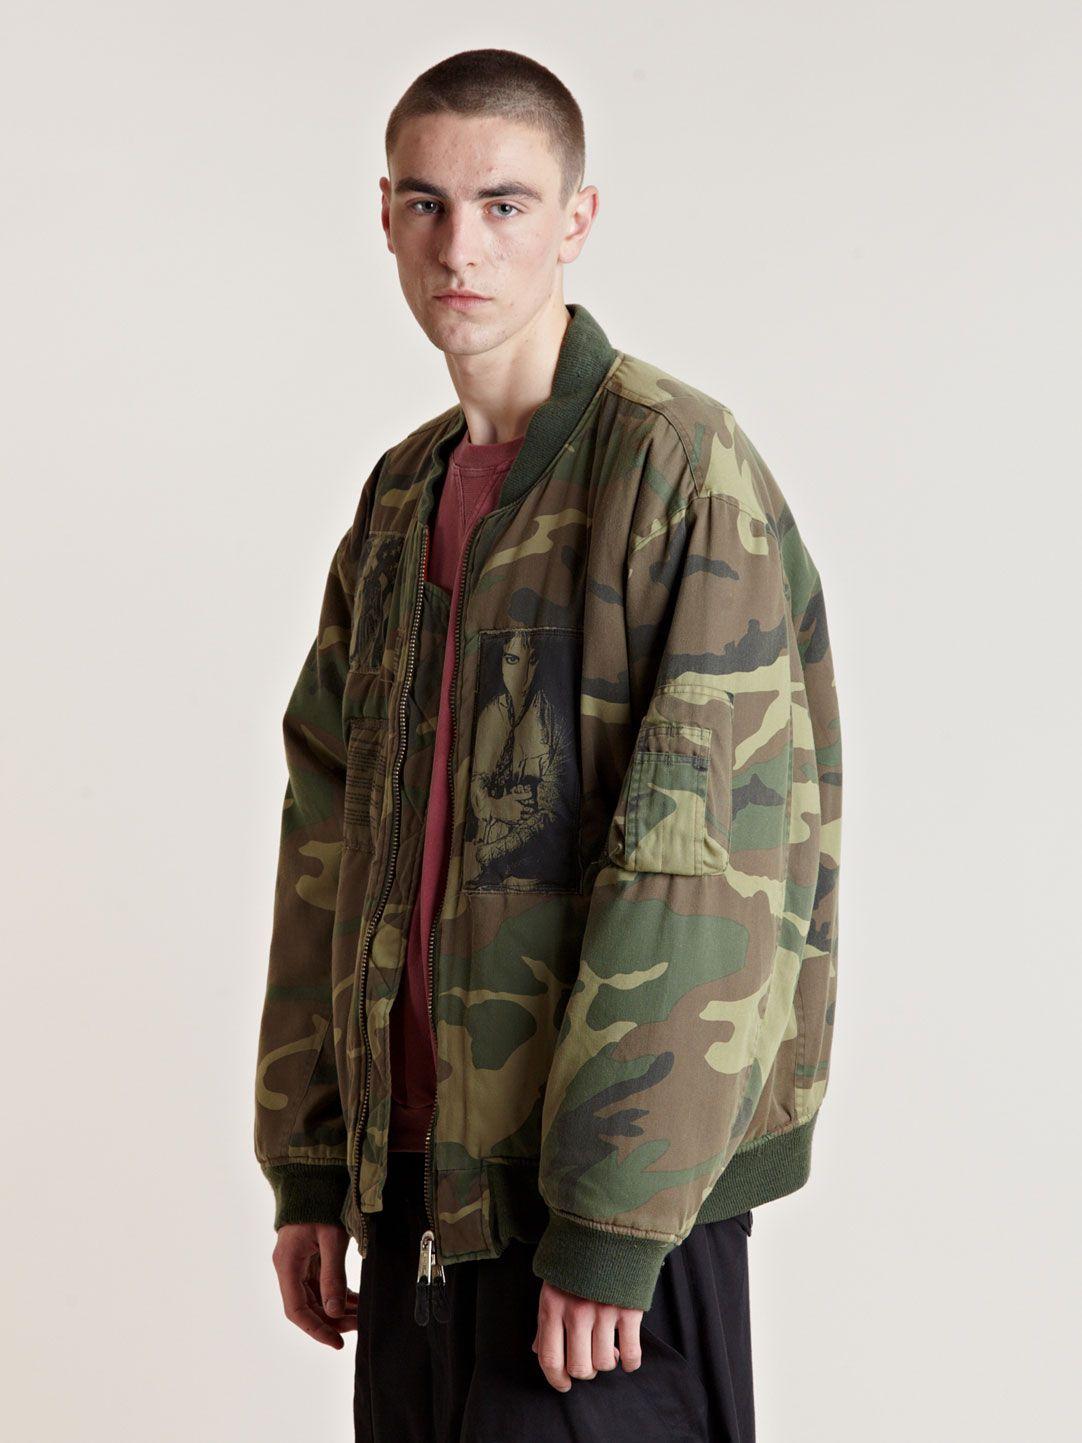 Raf Simons Raf Simons Camo Bomber Jacket Kanye West Style [ 1443 x 1082 Pixel ]